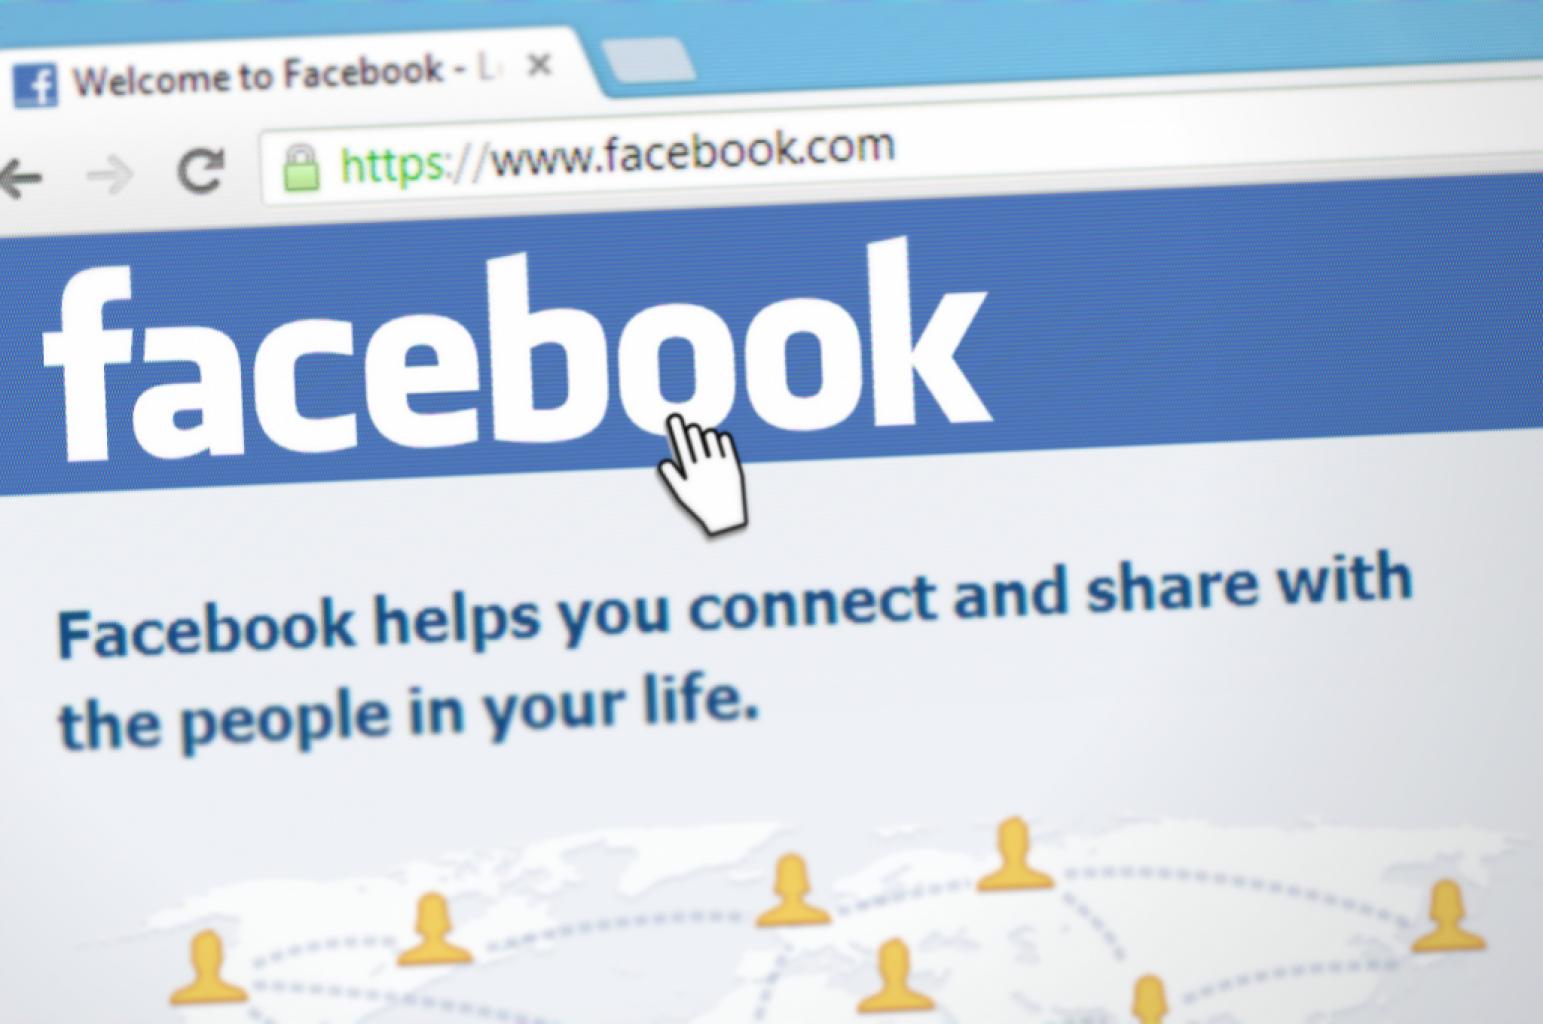 ¿Podrá Facebook recuperar confianza pública tras escándalo?